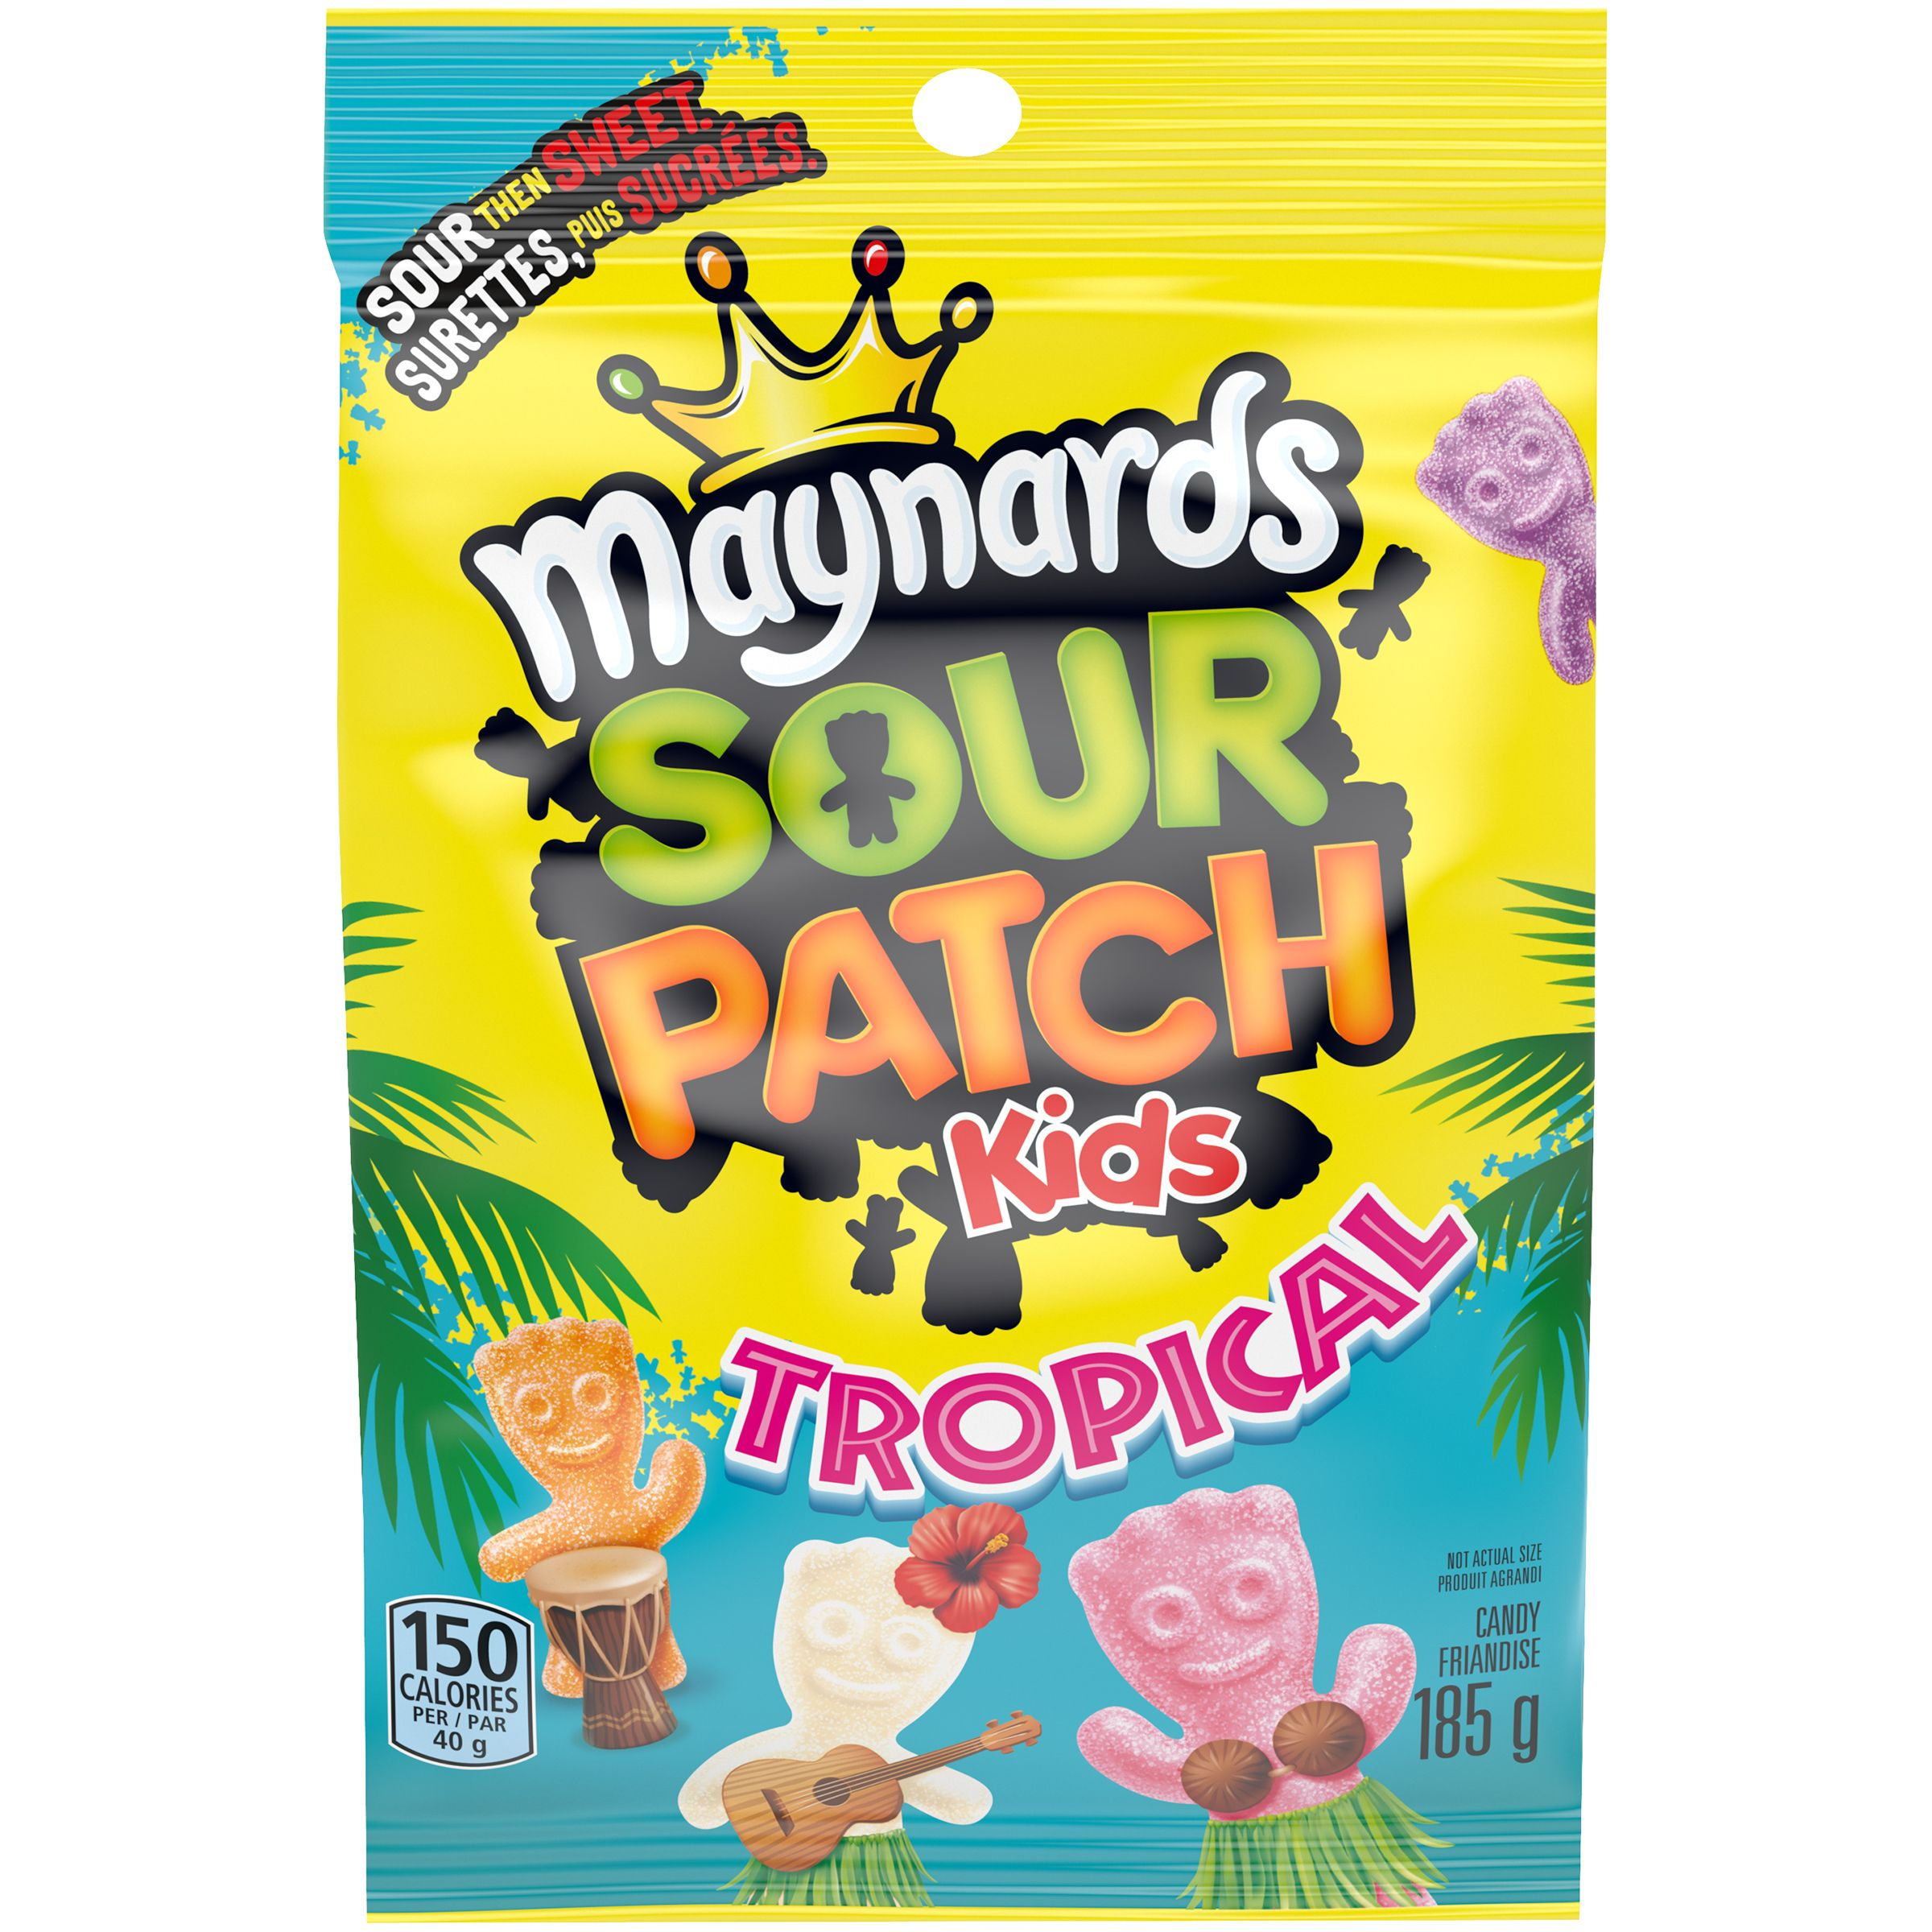 MAYNARDS Sour Patch Kids TROPICAL 185 GRM